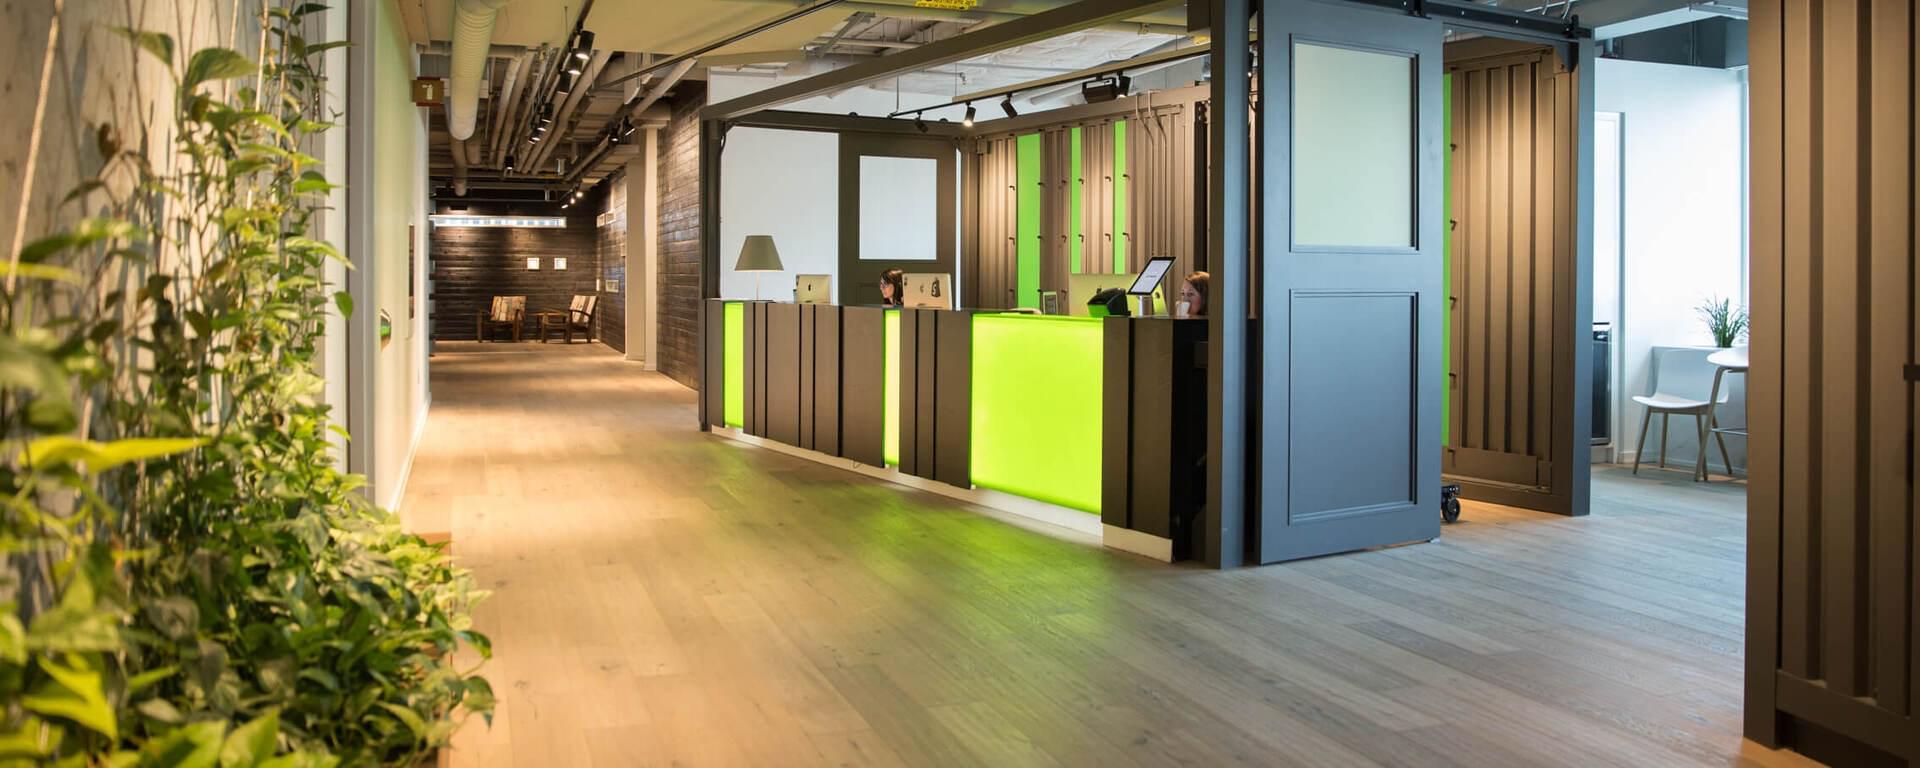 Shopify Customer Service Story   Zendesk